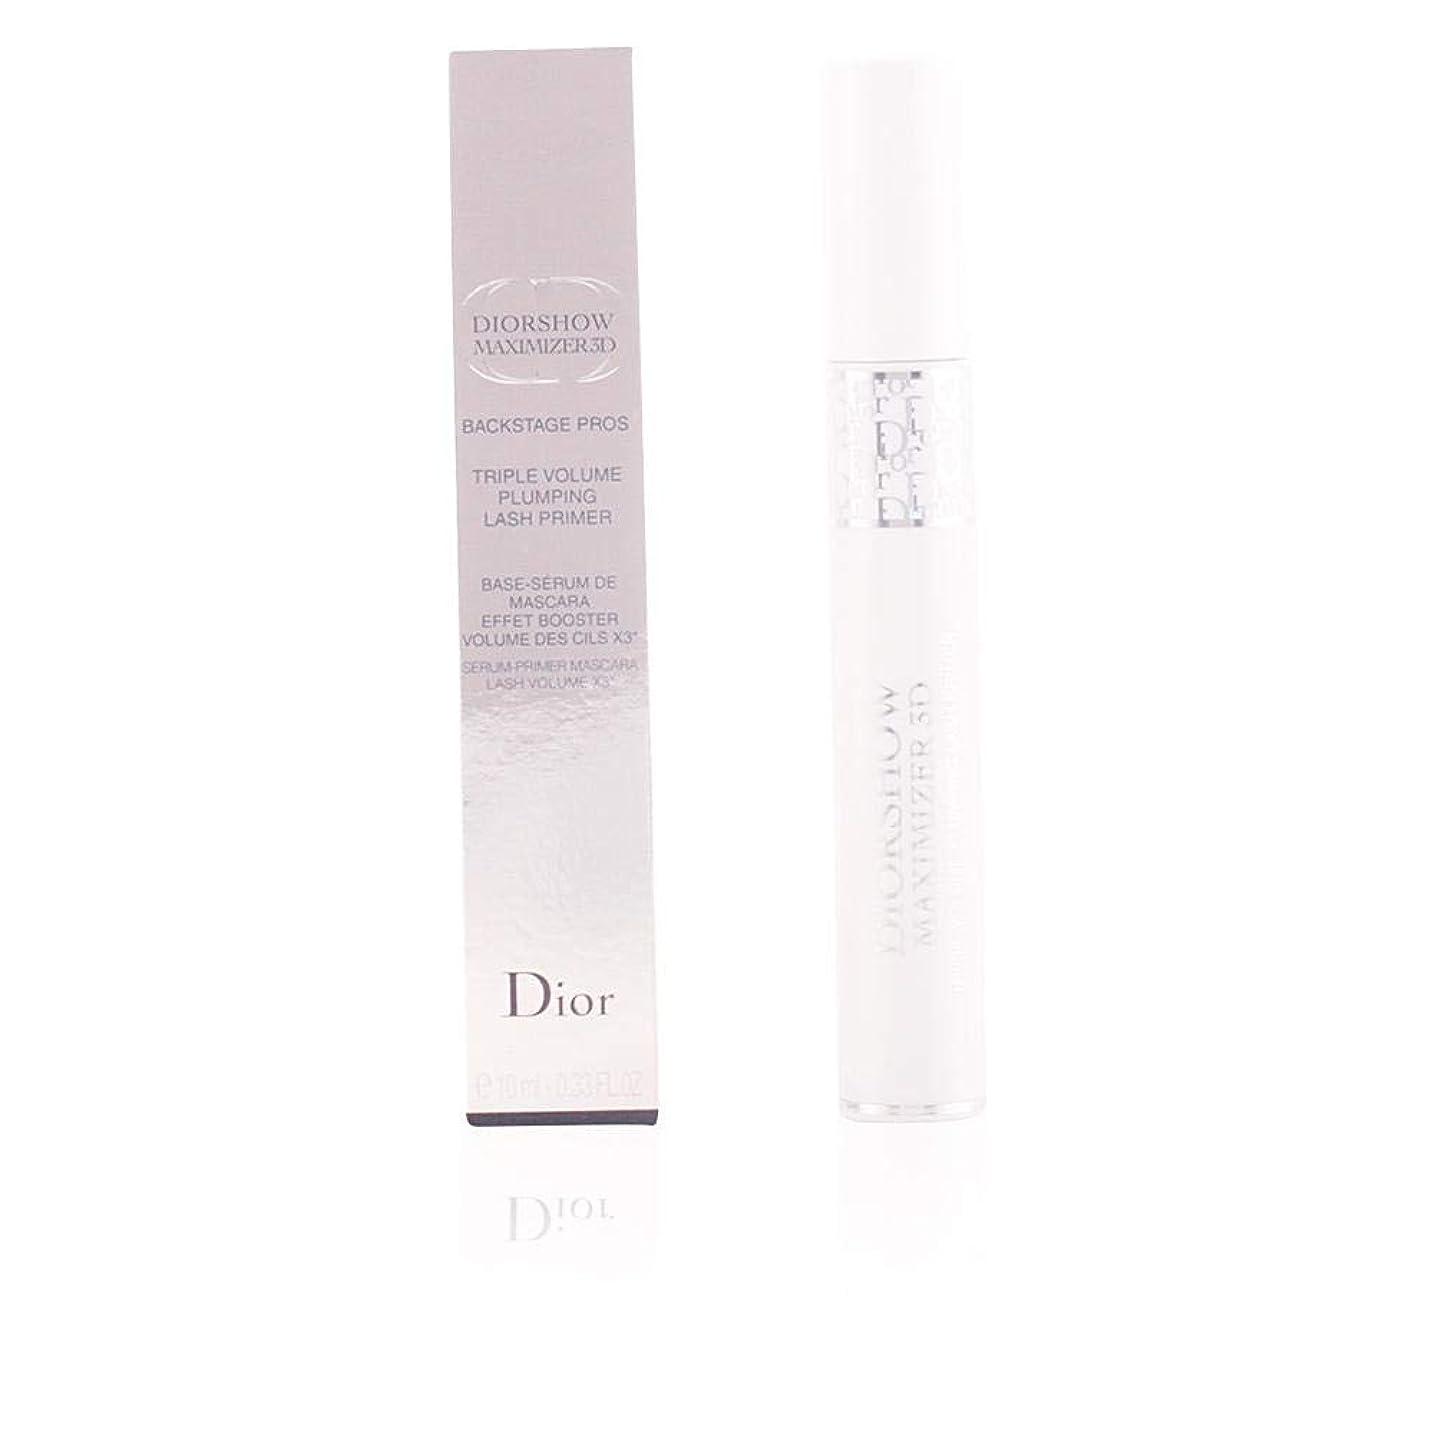 施し退化するエキスクリスチャン ディオール(Christian Dior) ディオールショウ マキシマイザー 3D 10ml[並行輸入品]